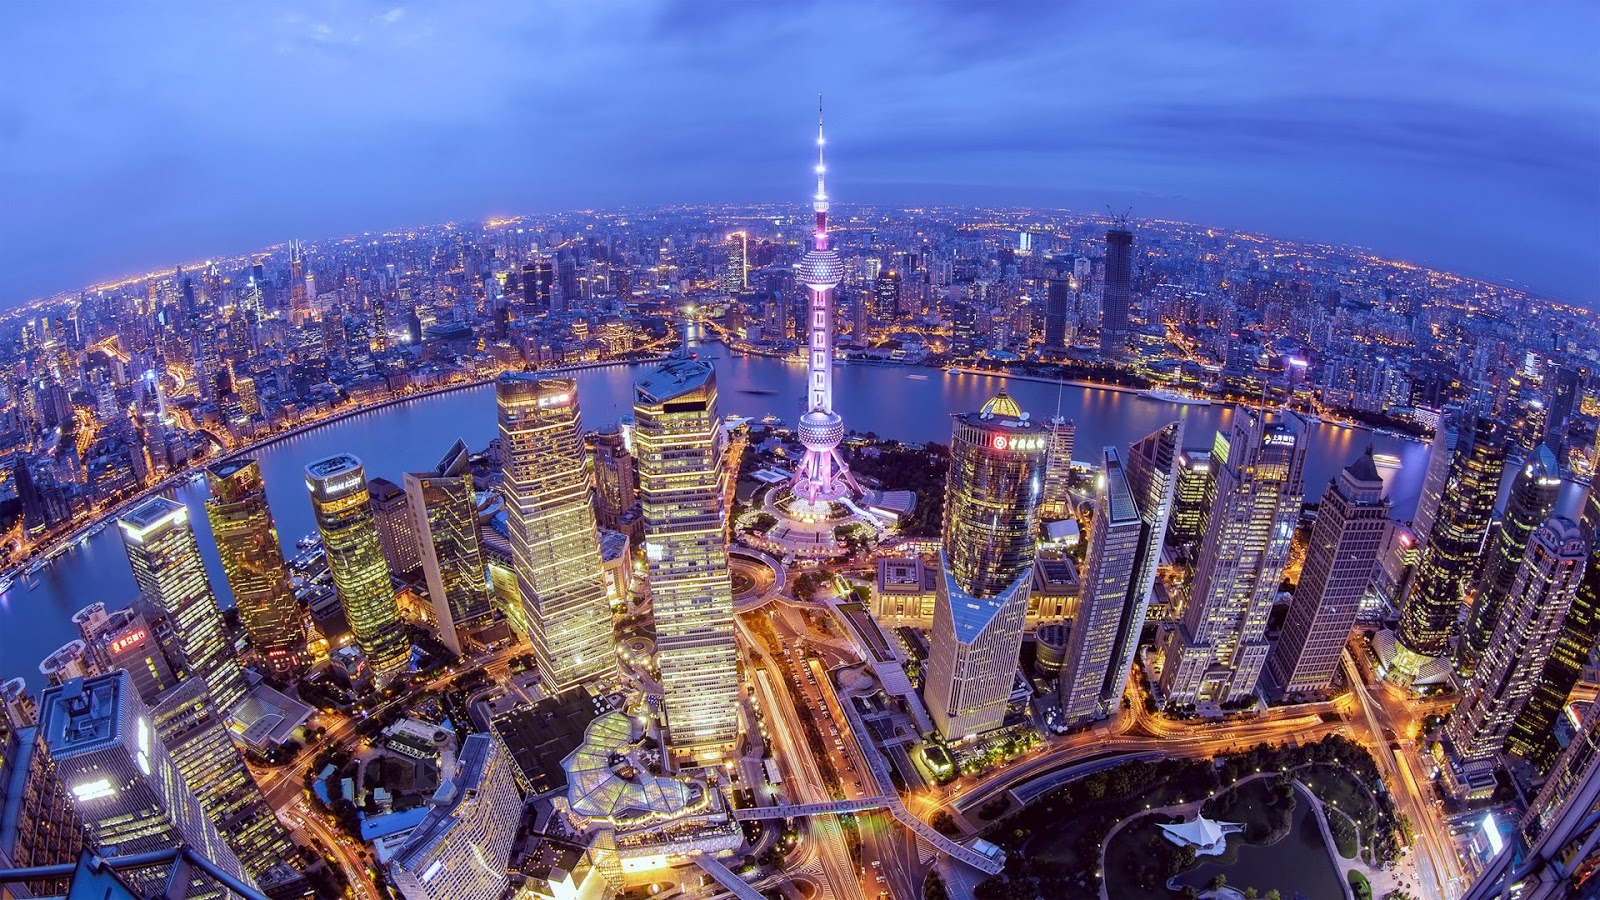 Работа в Китае отзывы, условия жизни, цены - мегаполис